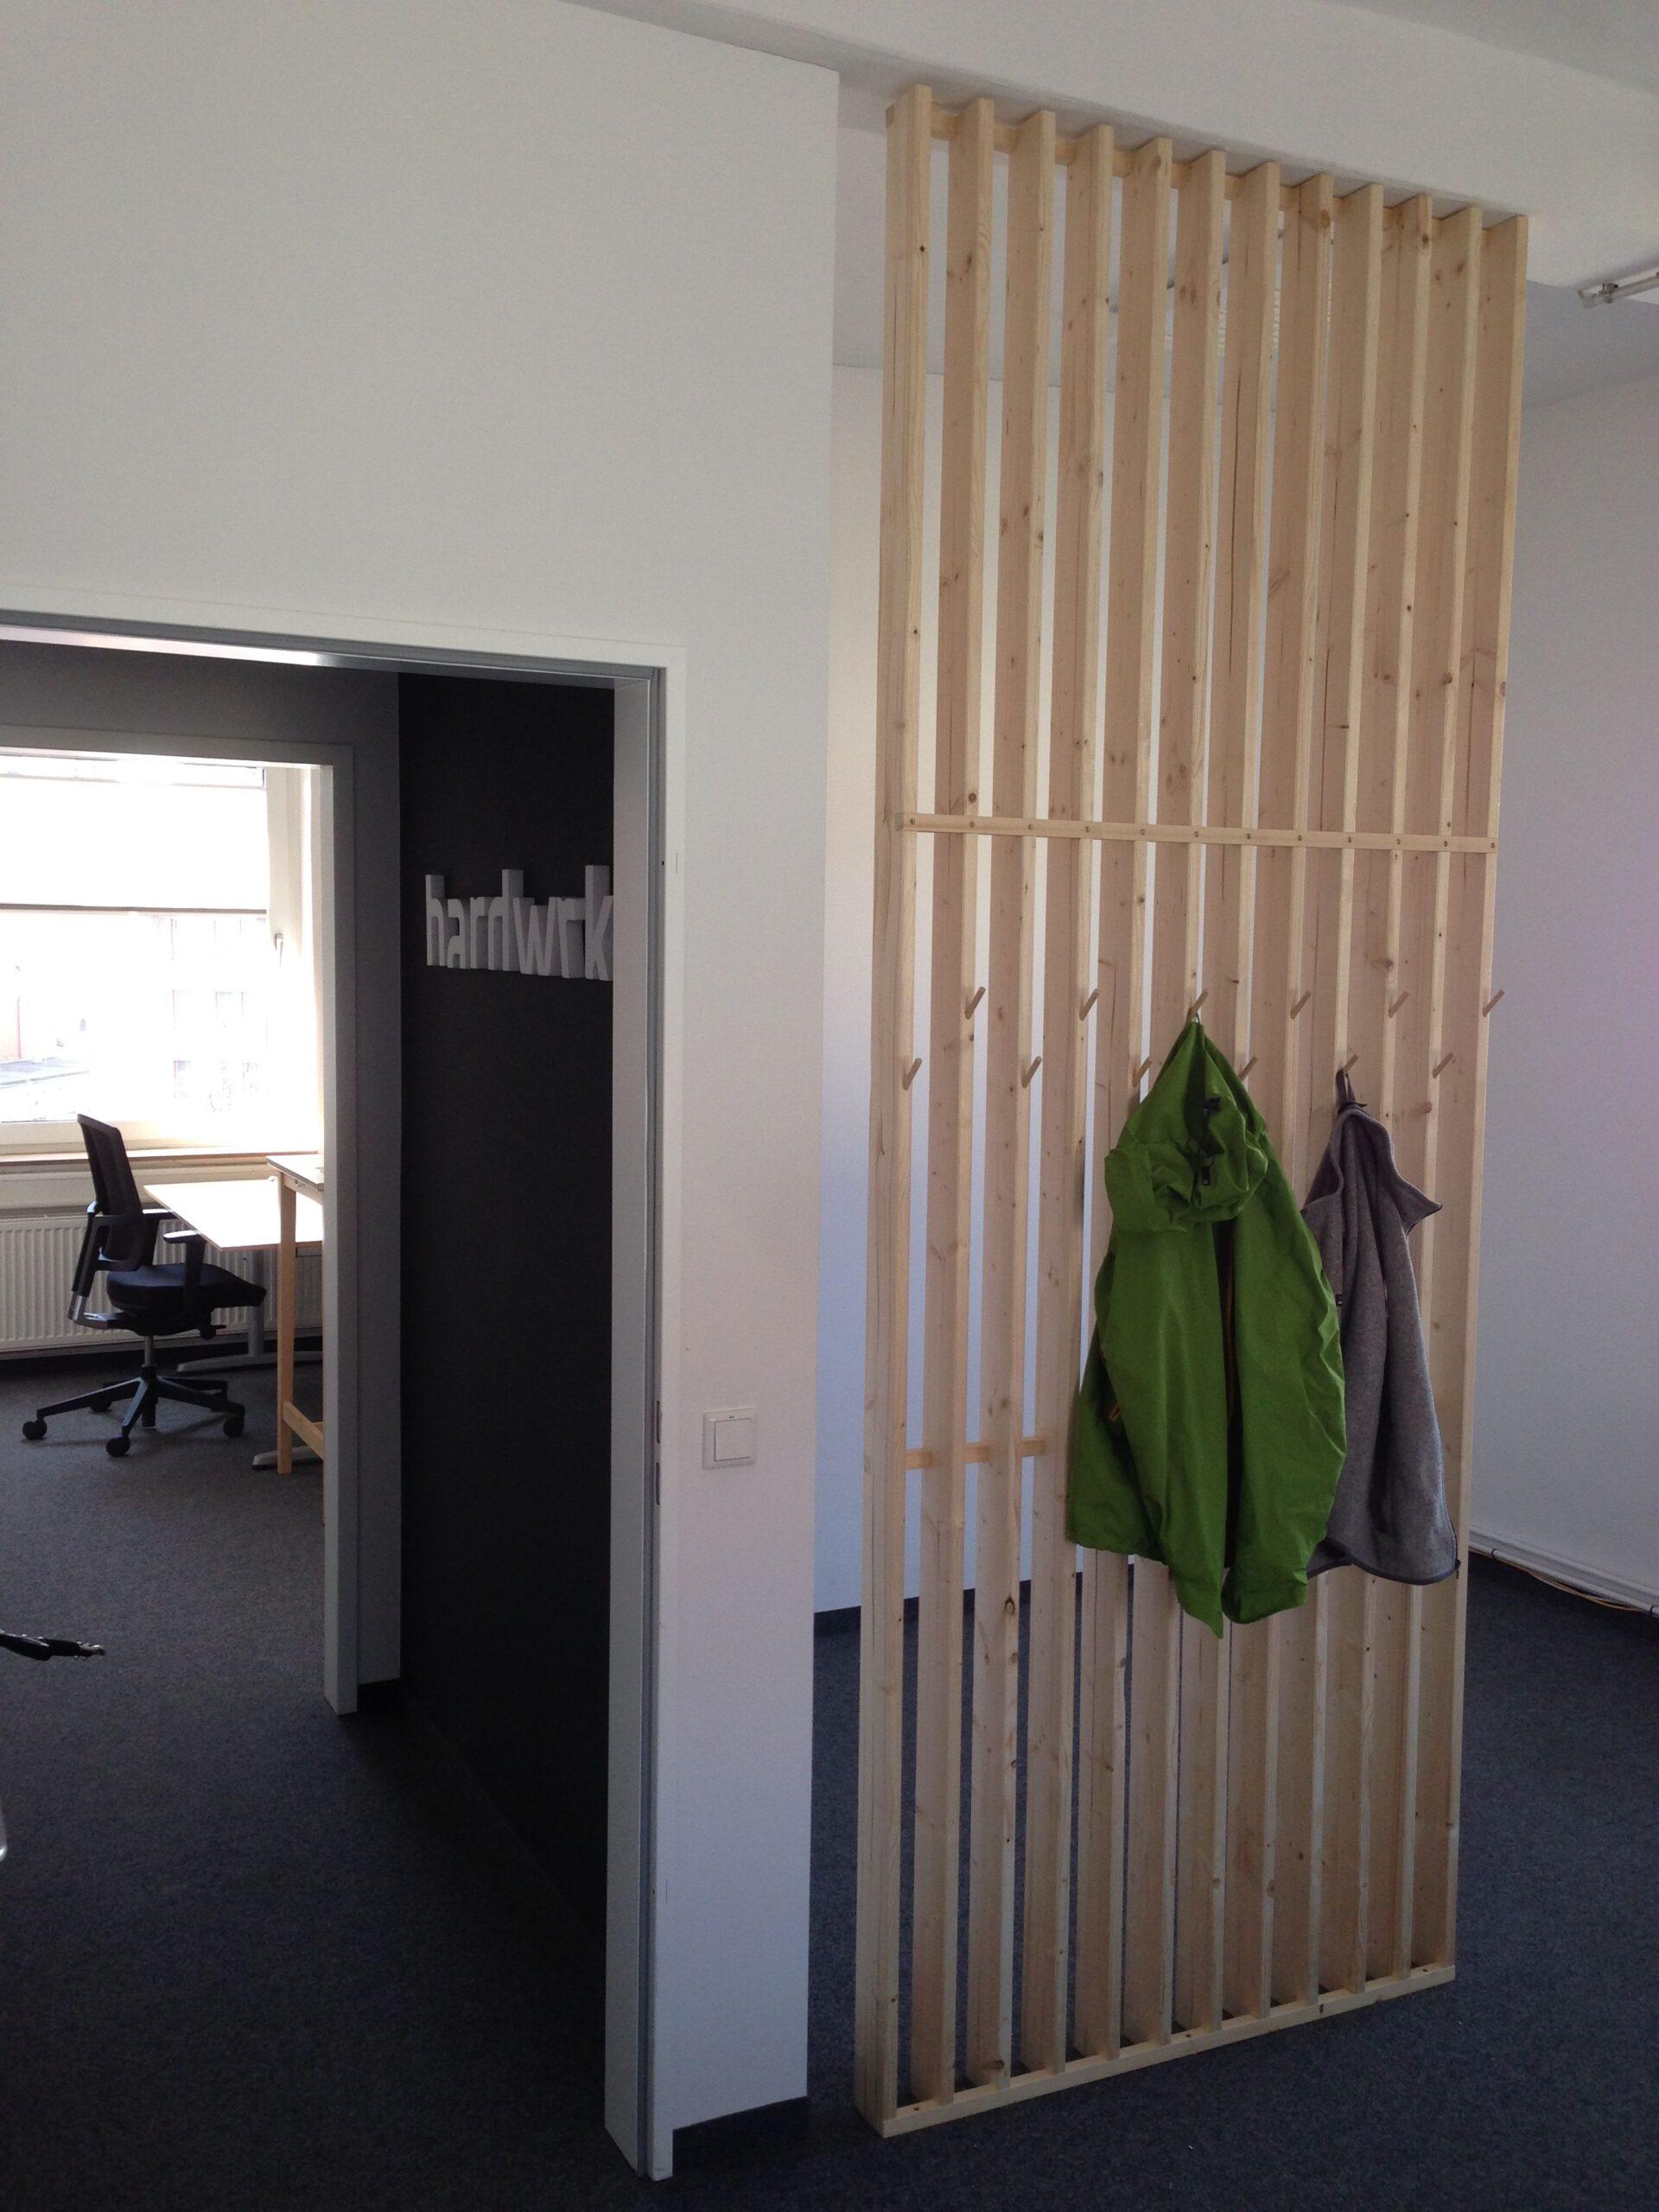 Full Size of Garderobe Betten Ikea 160x200 Glastrennwand Dusche Sofa Mit Schlaffunktion Modulküche Bei Garten Trennwand Küche Kosten Kaufen Miniküche Wohnzimmer Trennwand Ikea